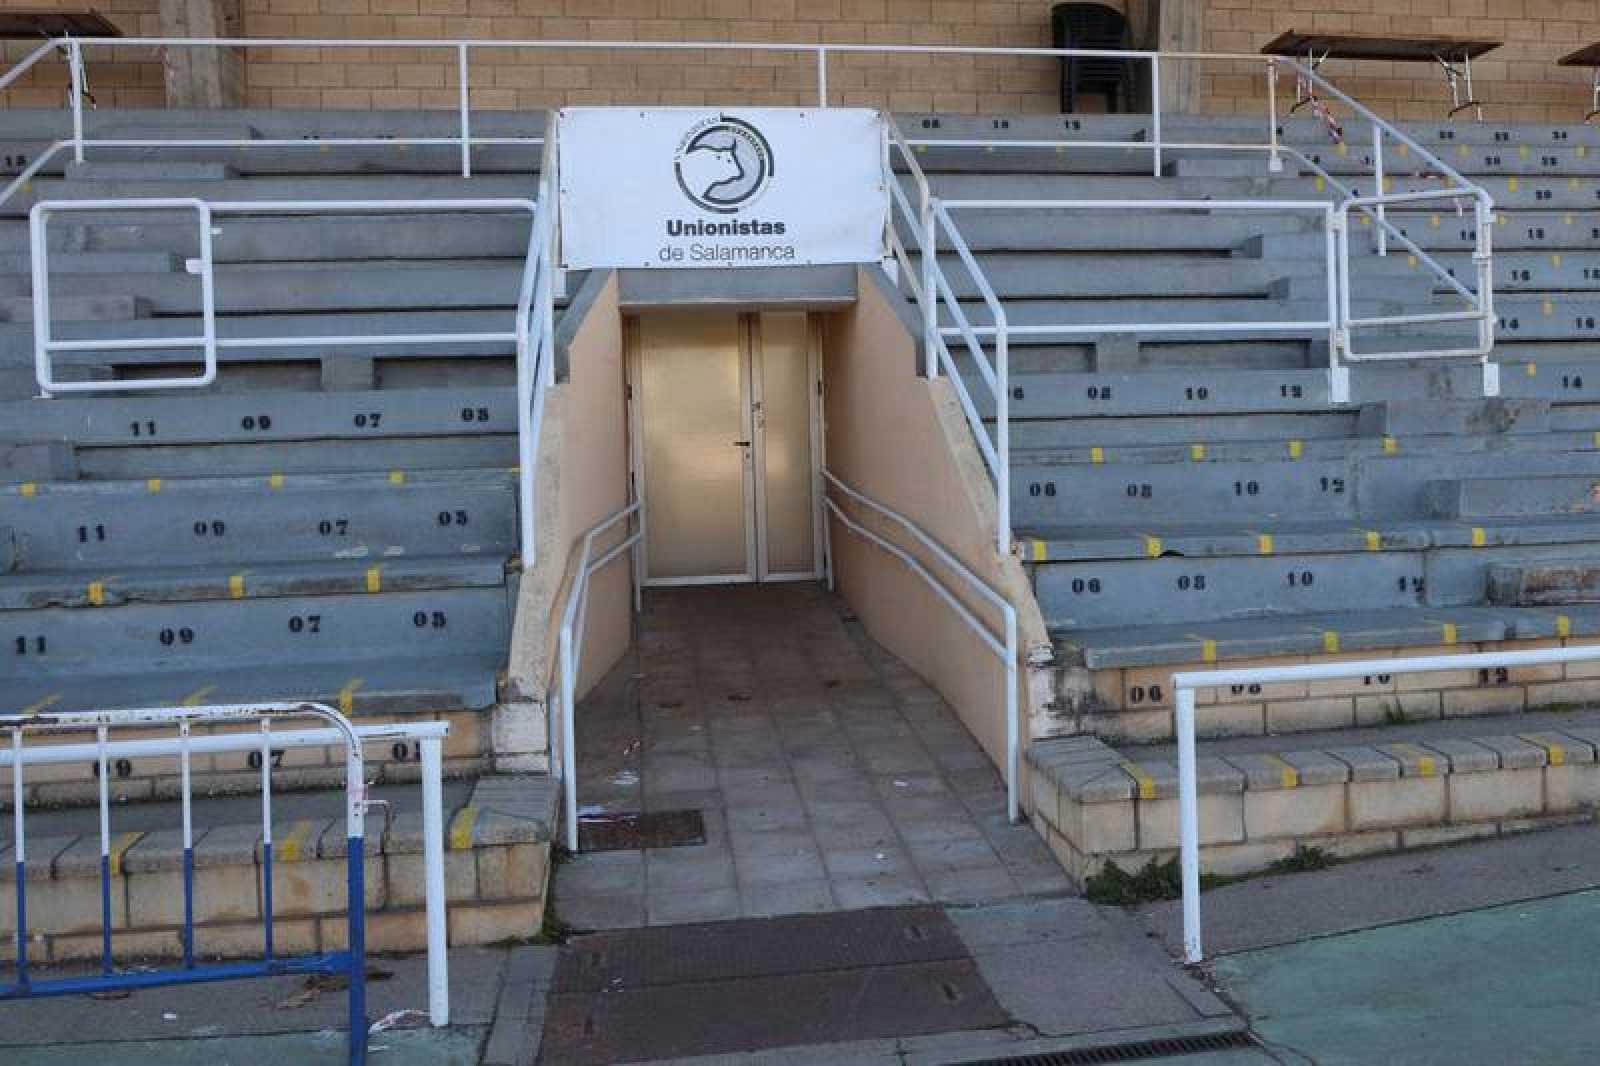 Vista del acceso al campo por el túnel de vestuarios en las instalaciones del Unionistas de Salamanca